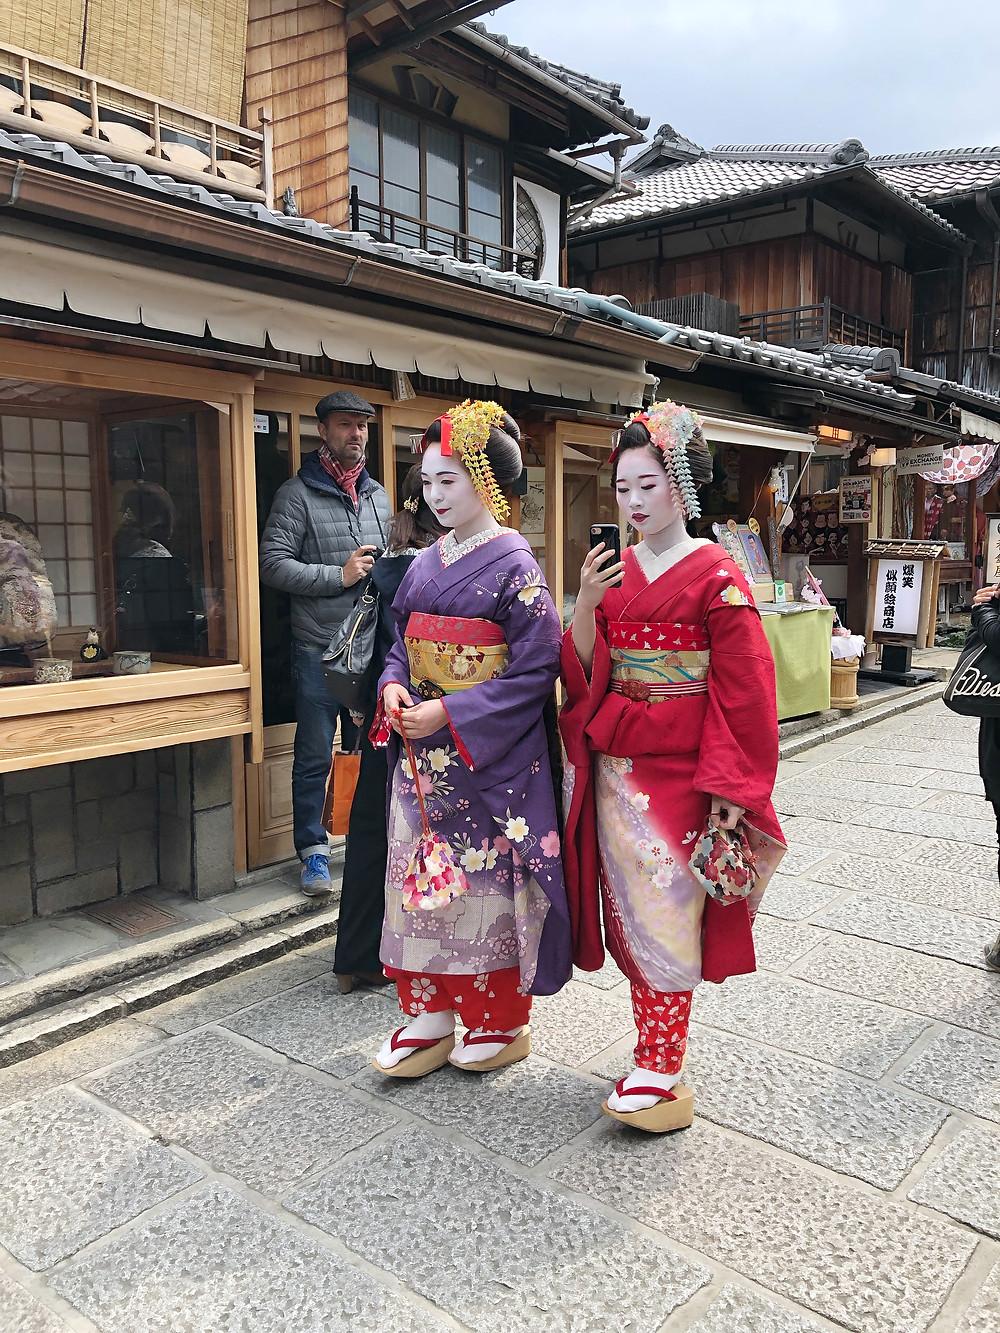 maruyama koen kyoto maiko cookingwiththehamster